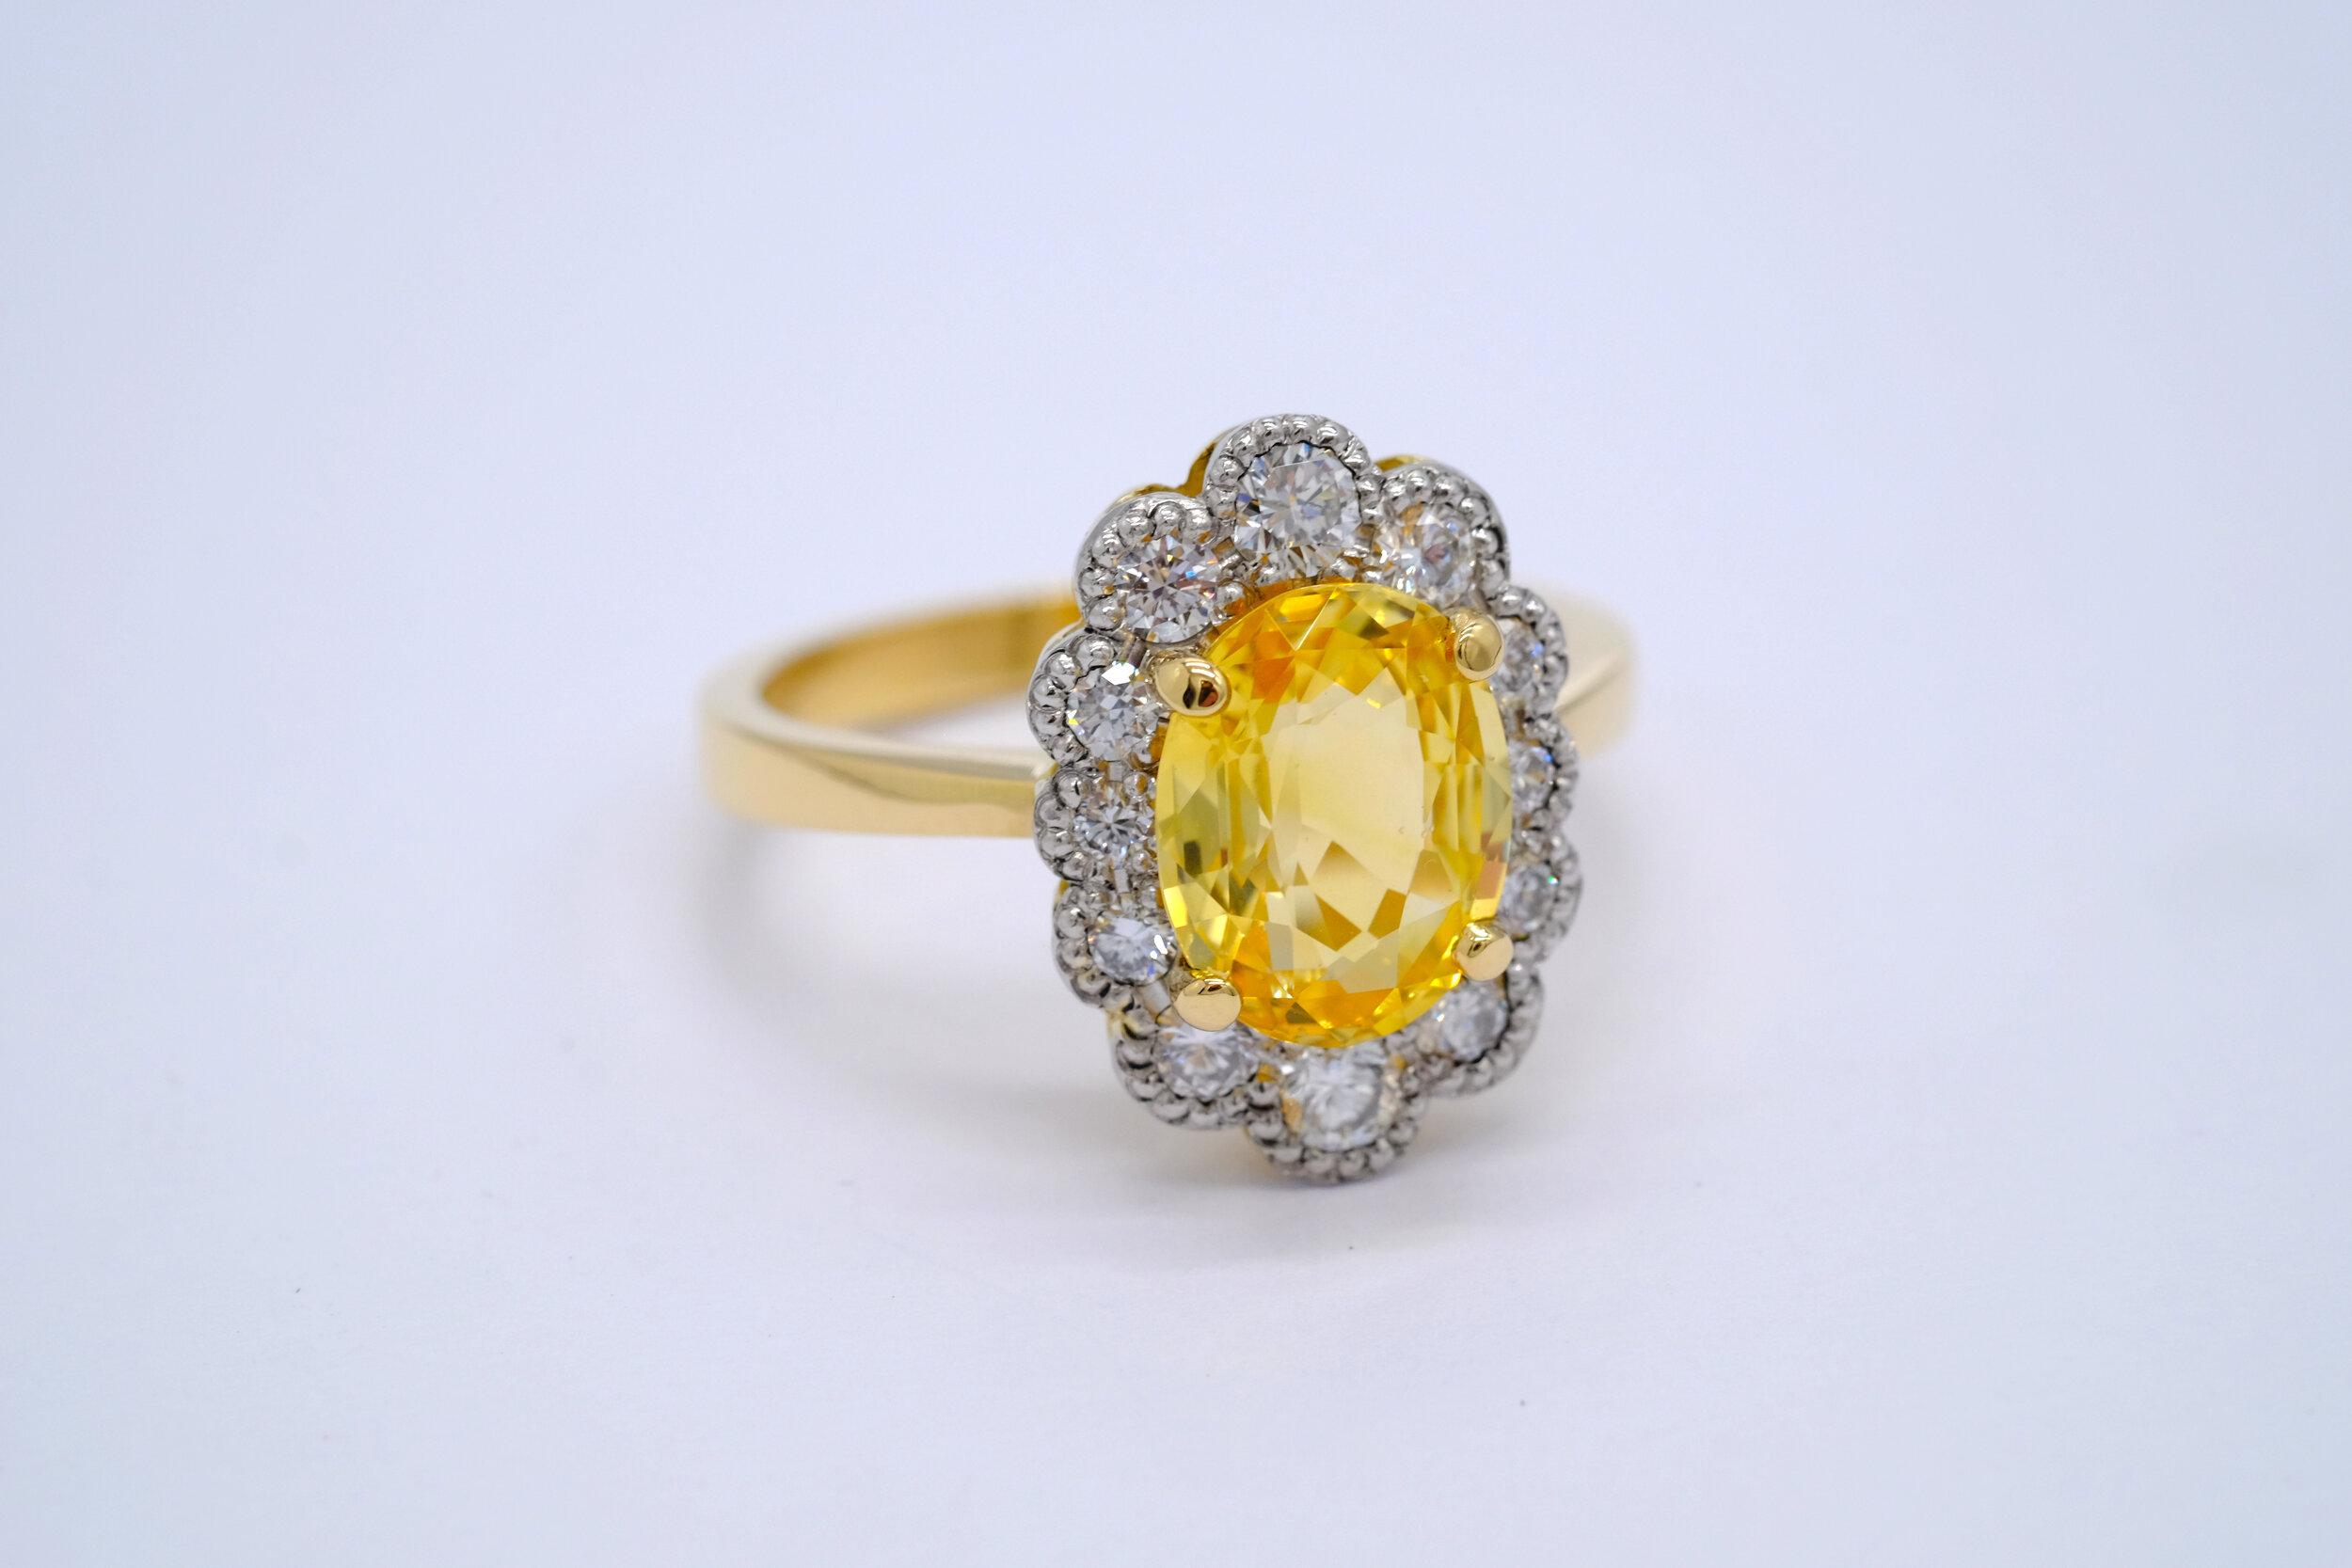 Yellow sapphire ring.jpg